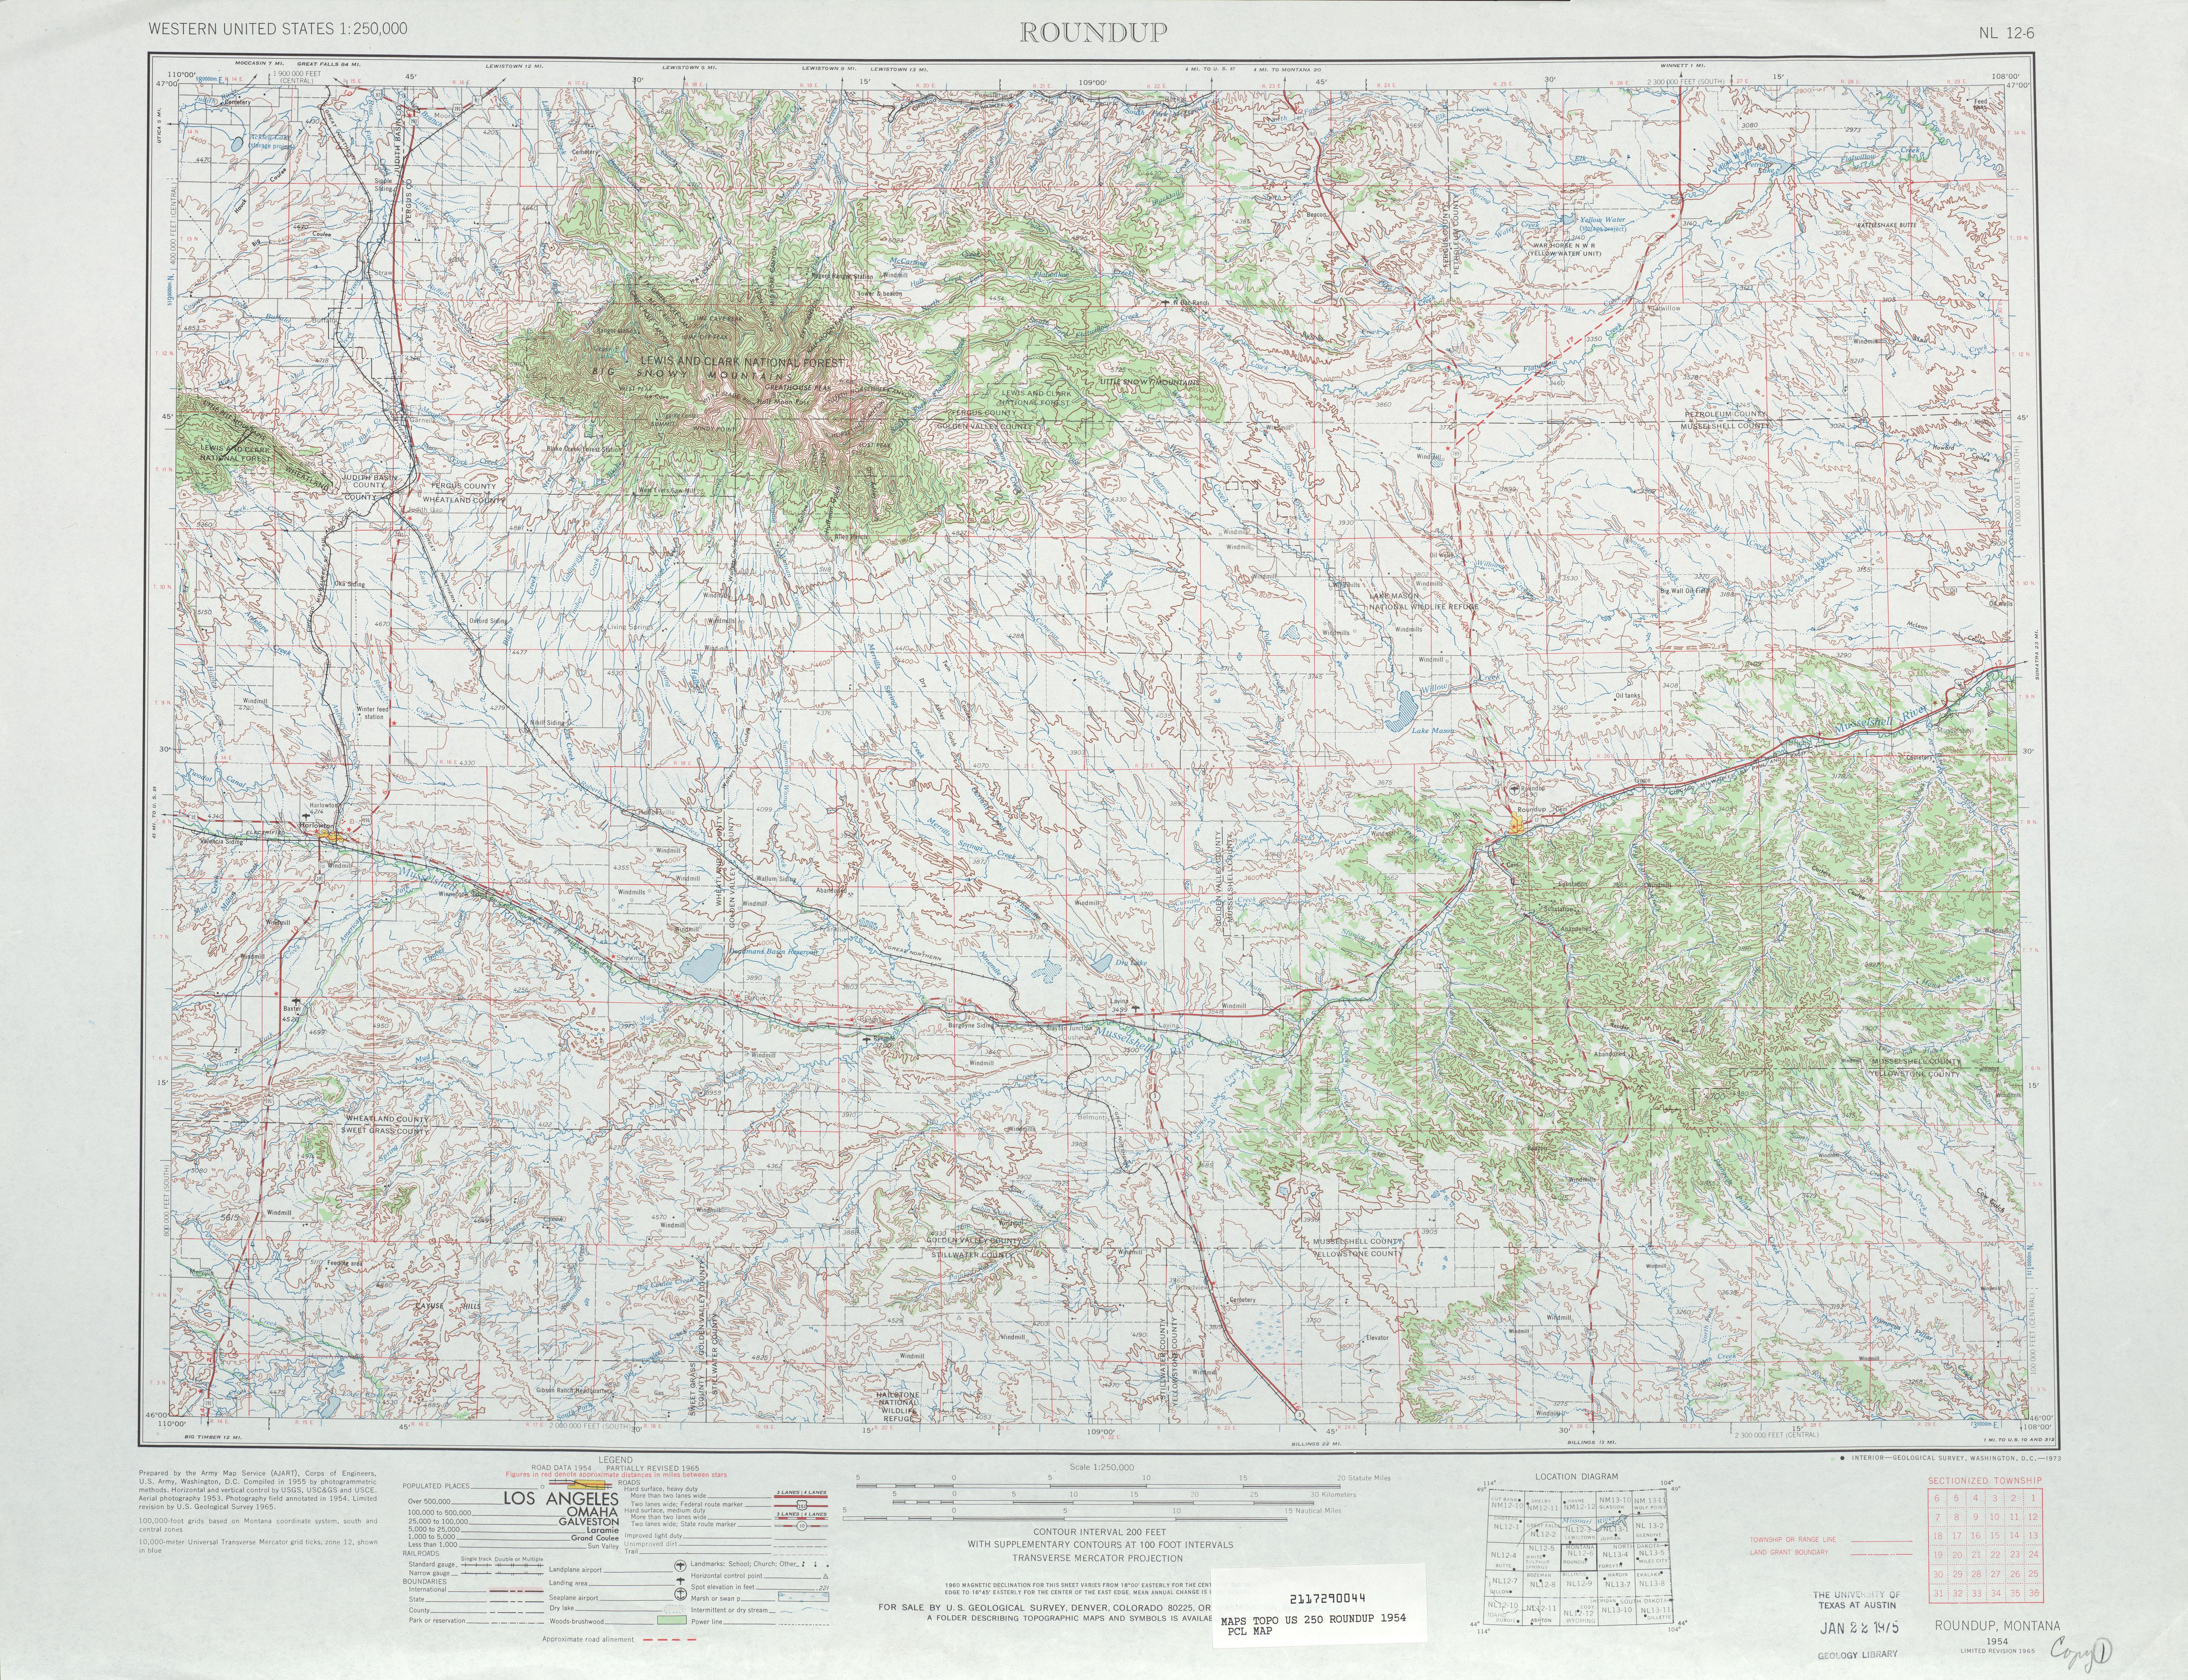 Hoja Roundup del Mapa Topográfico de los Estados Unidos 1965